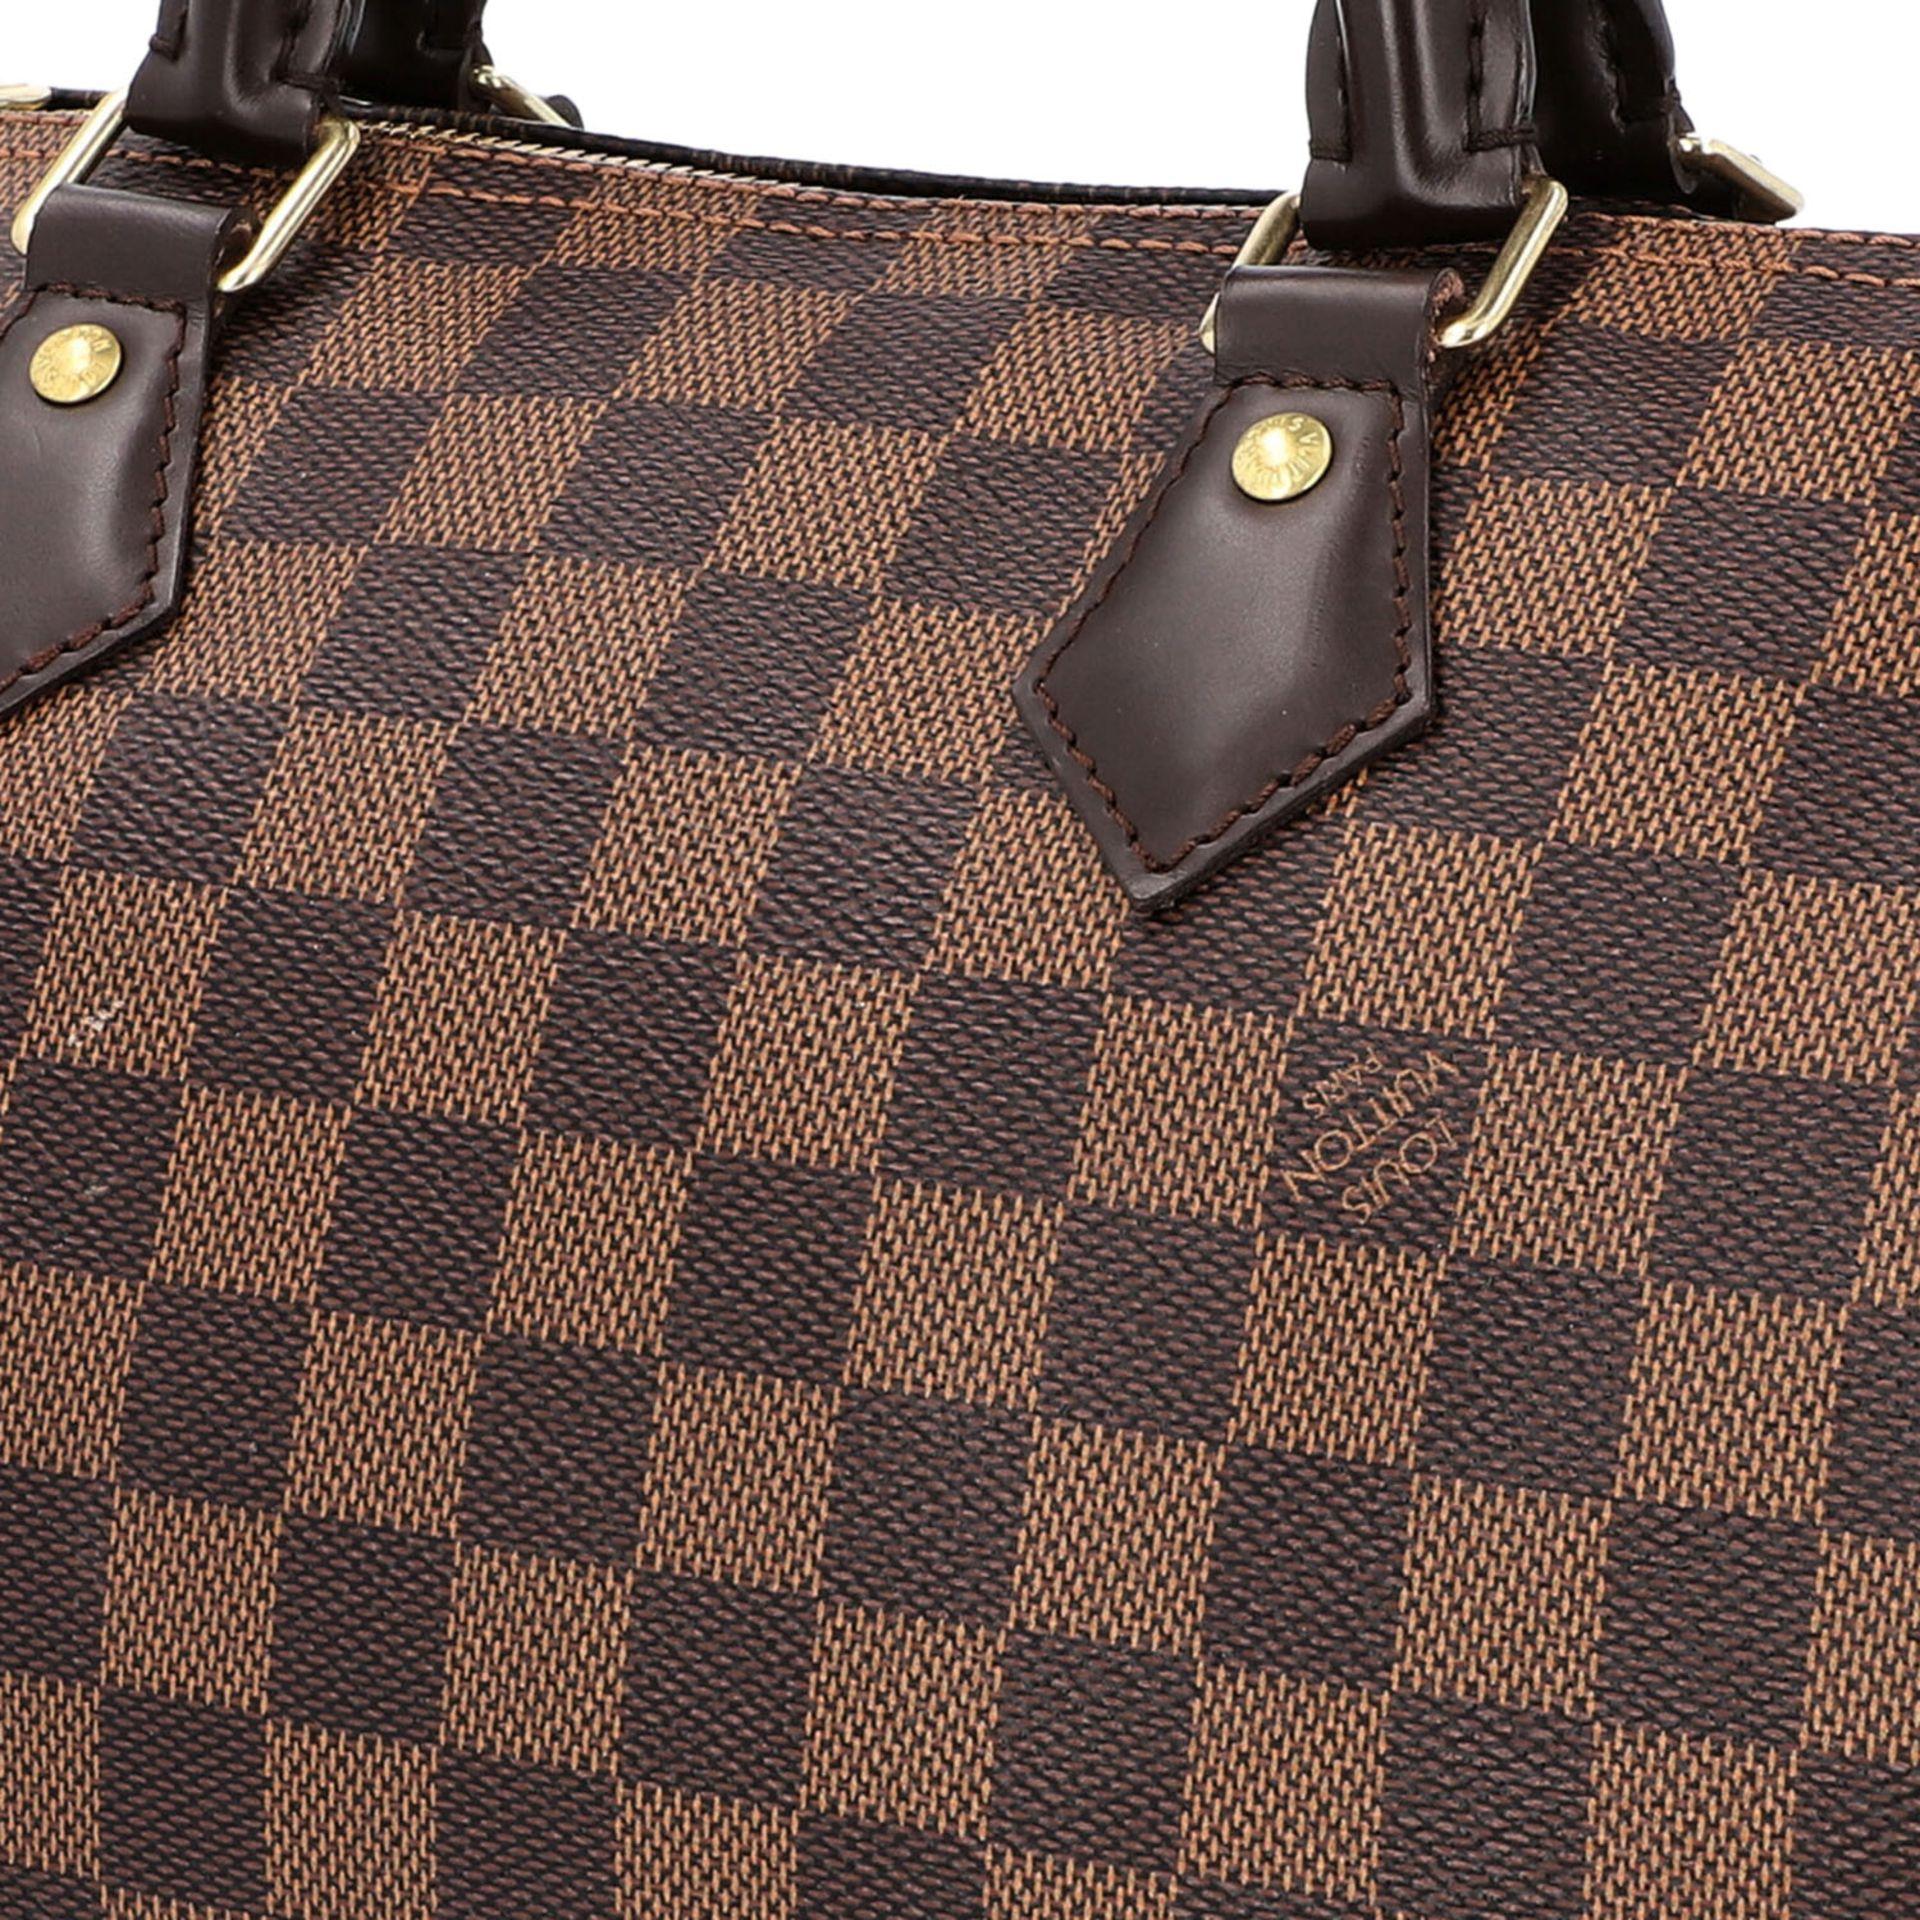 """LOUIS VUITTON Handtasche """"SPEEDY 30 BAND."""", Koll. 2017.Akt. NP.: 1.170,-€. Damier Ebene Serie mit - Bild 7 aus 8"""